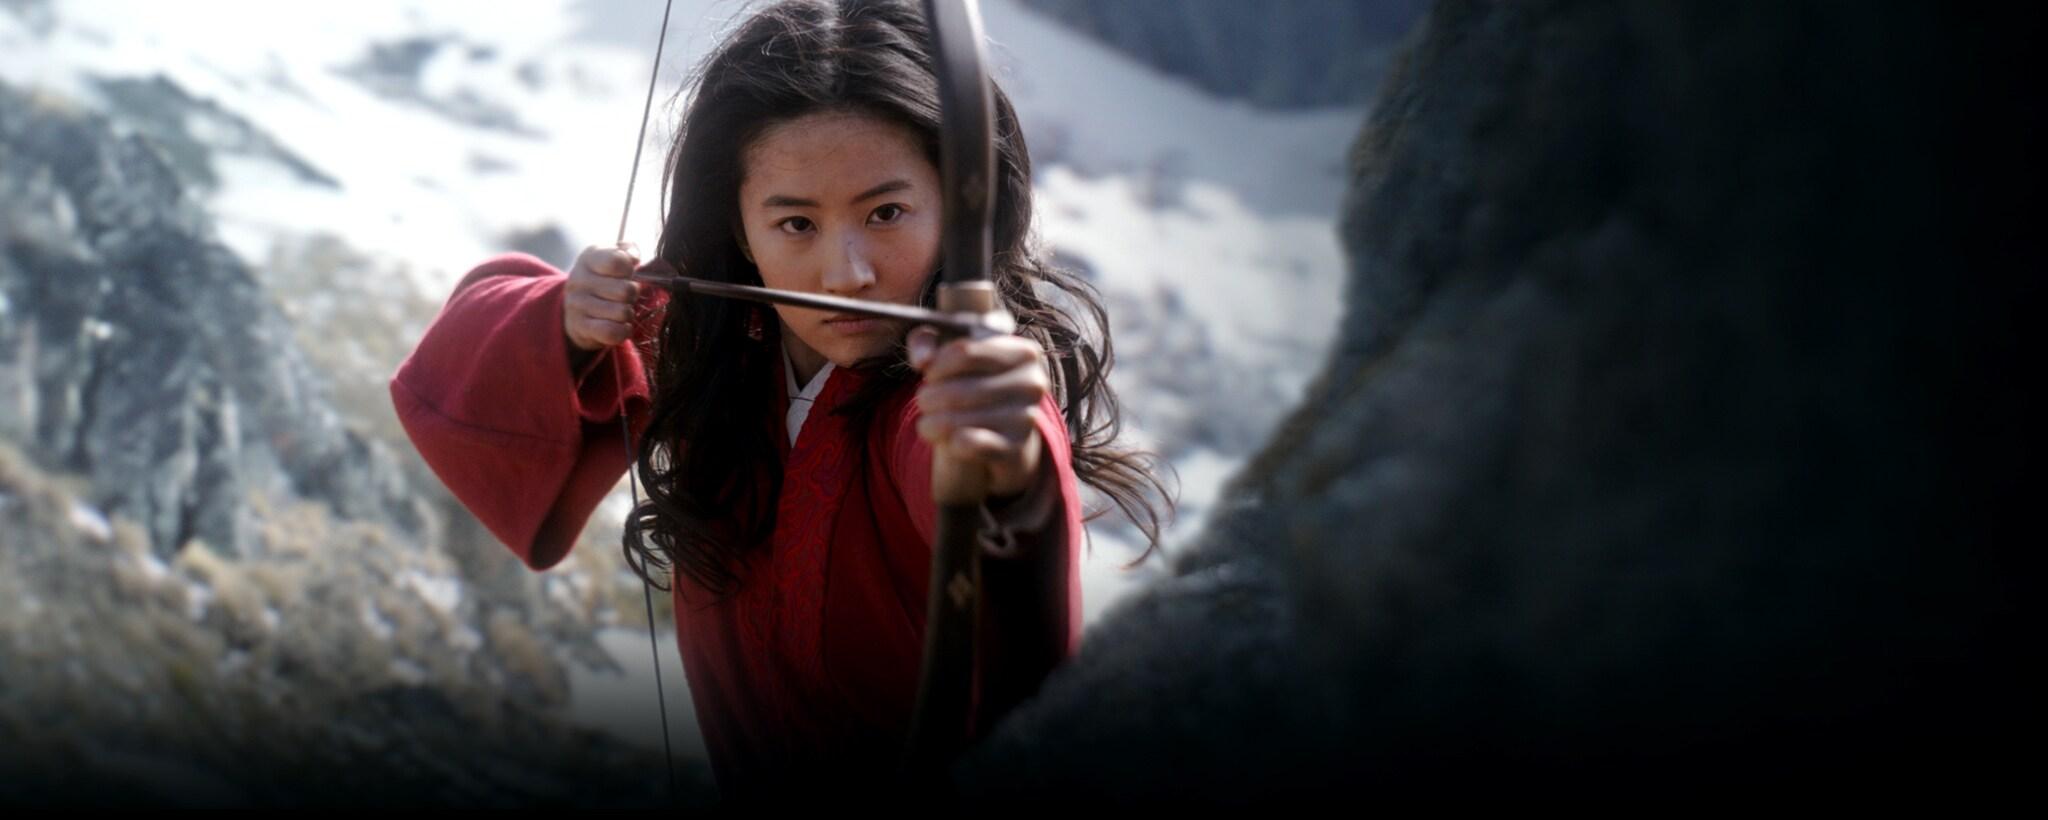 Mulan, the legend arrives on Disney+ December 4